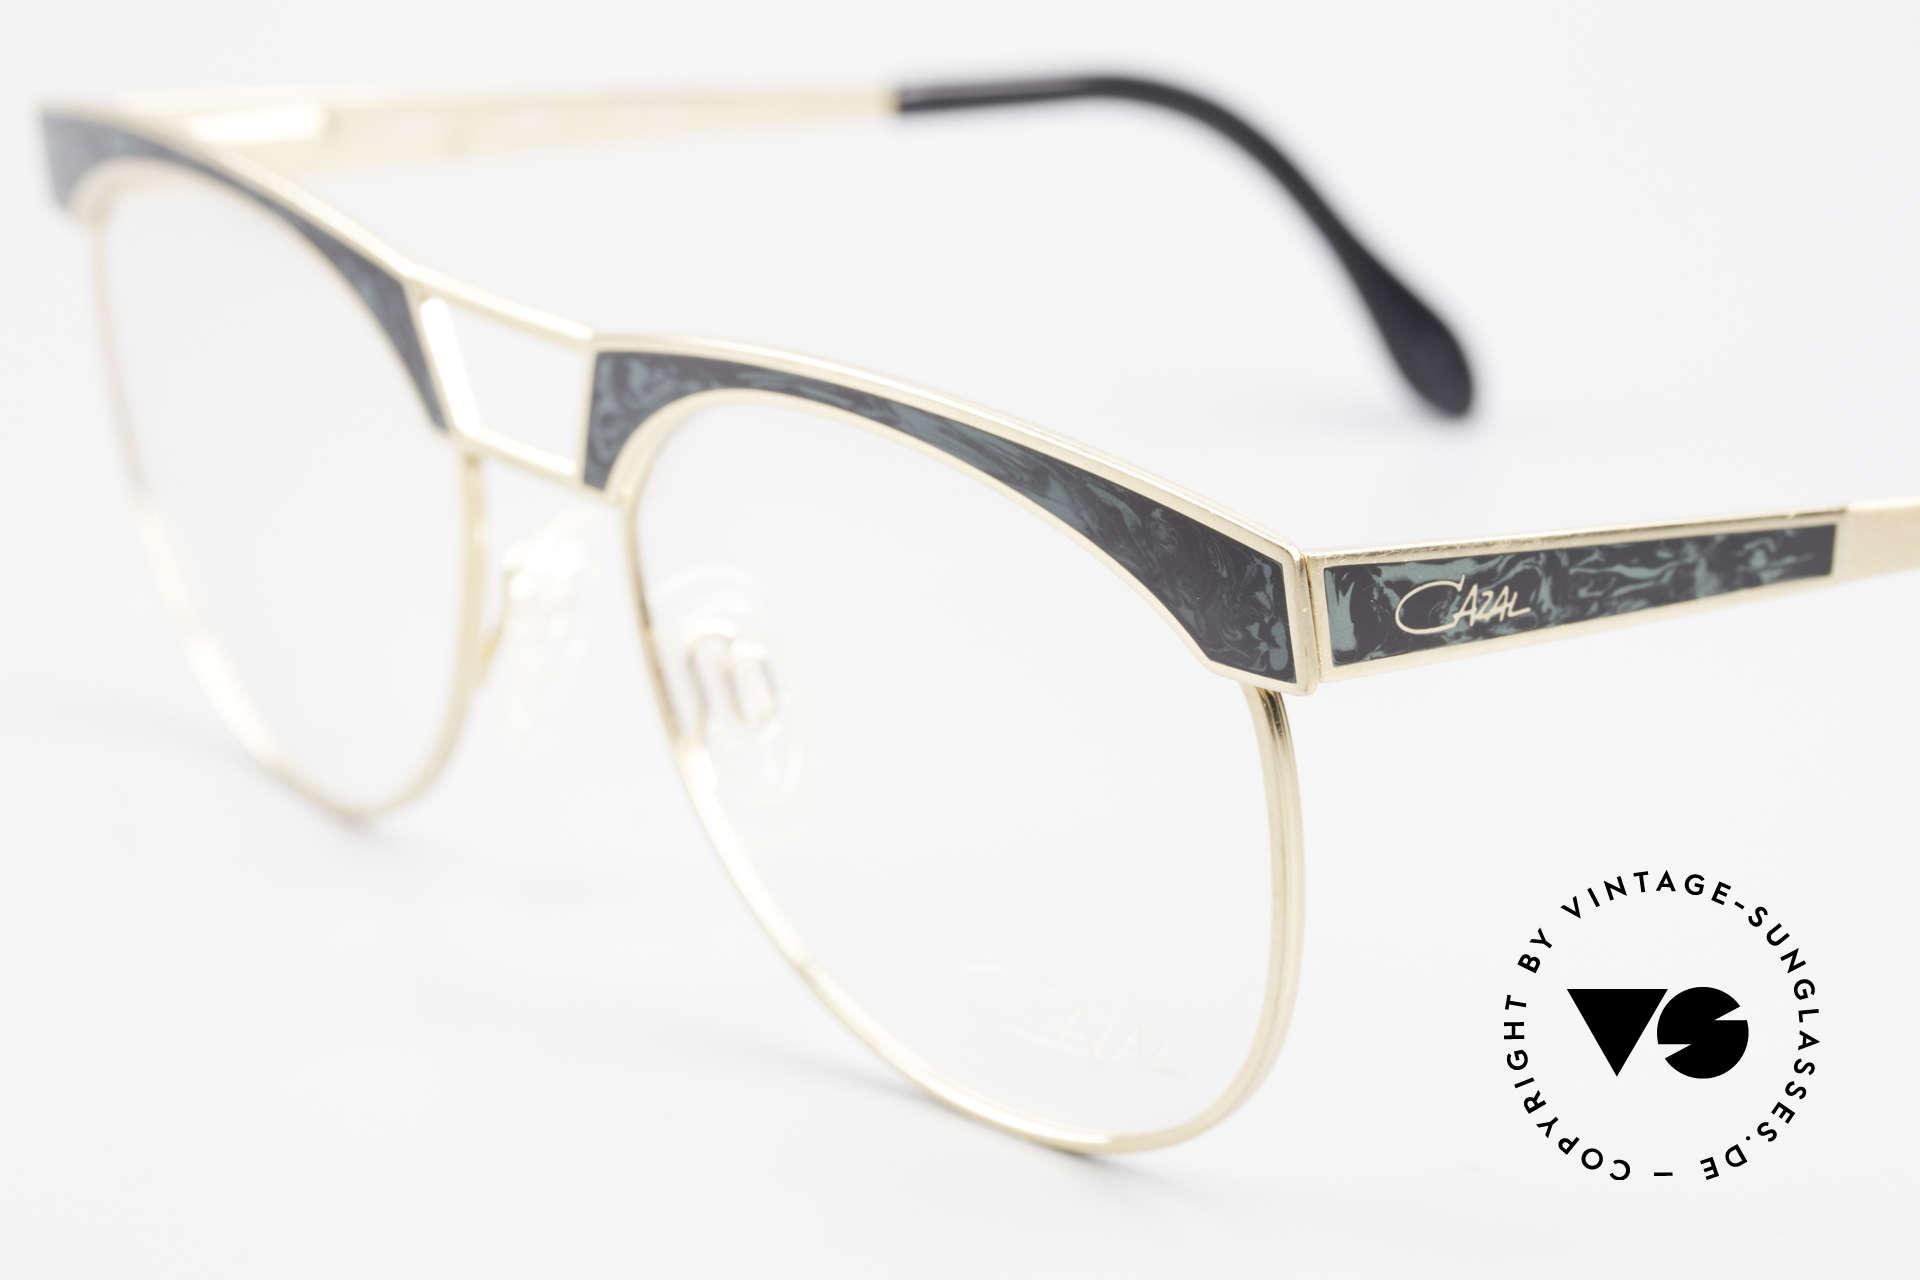 Cazal 741 Panto Stil Designerbrille 90er, flexible Federscharniere für optimalen Tragekomfort, Passend für Herren